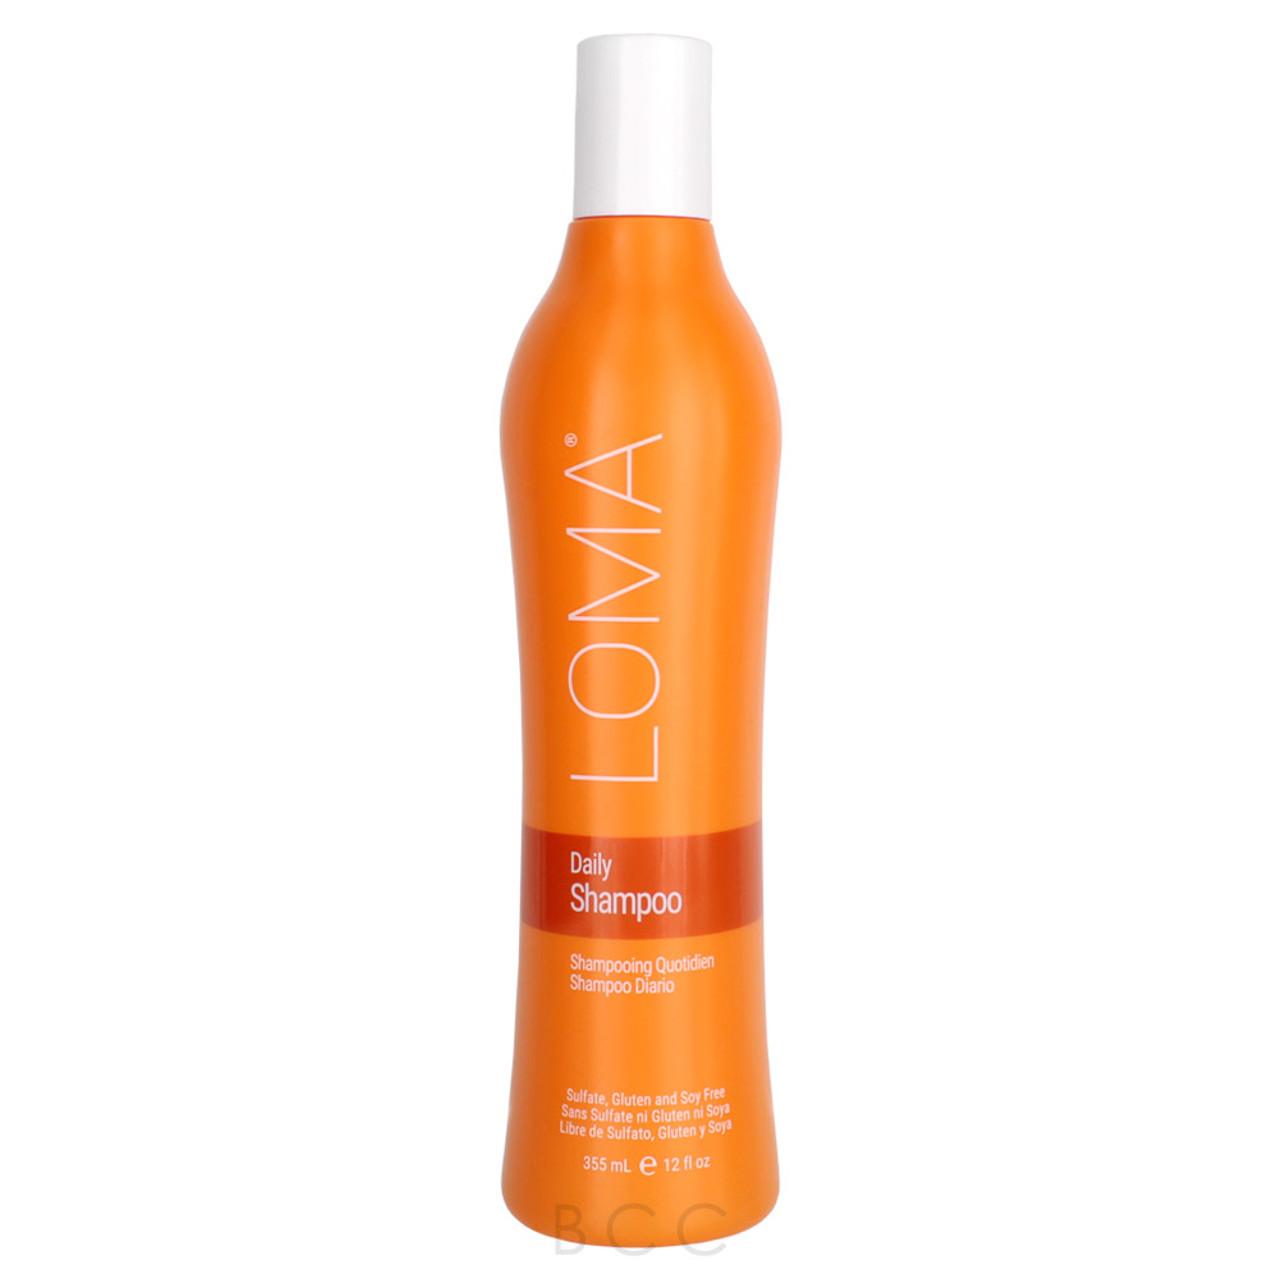 Loma Daily Shampoo 12 oz